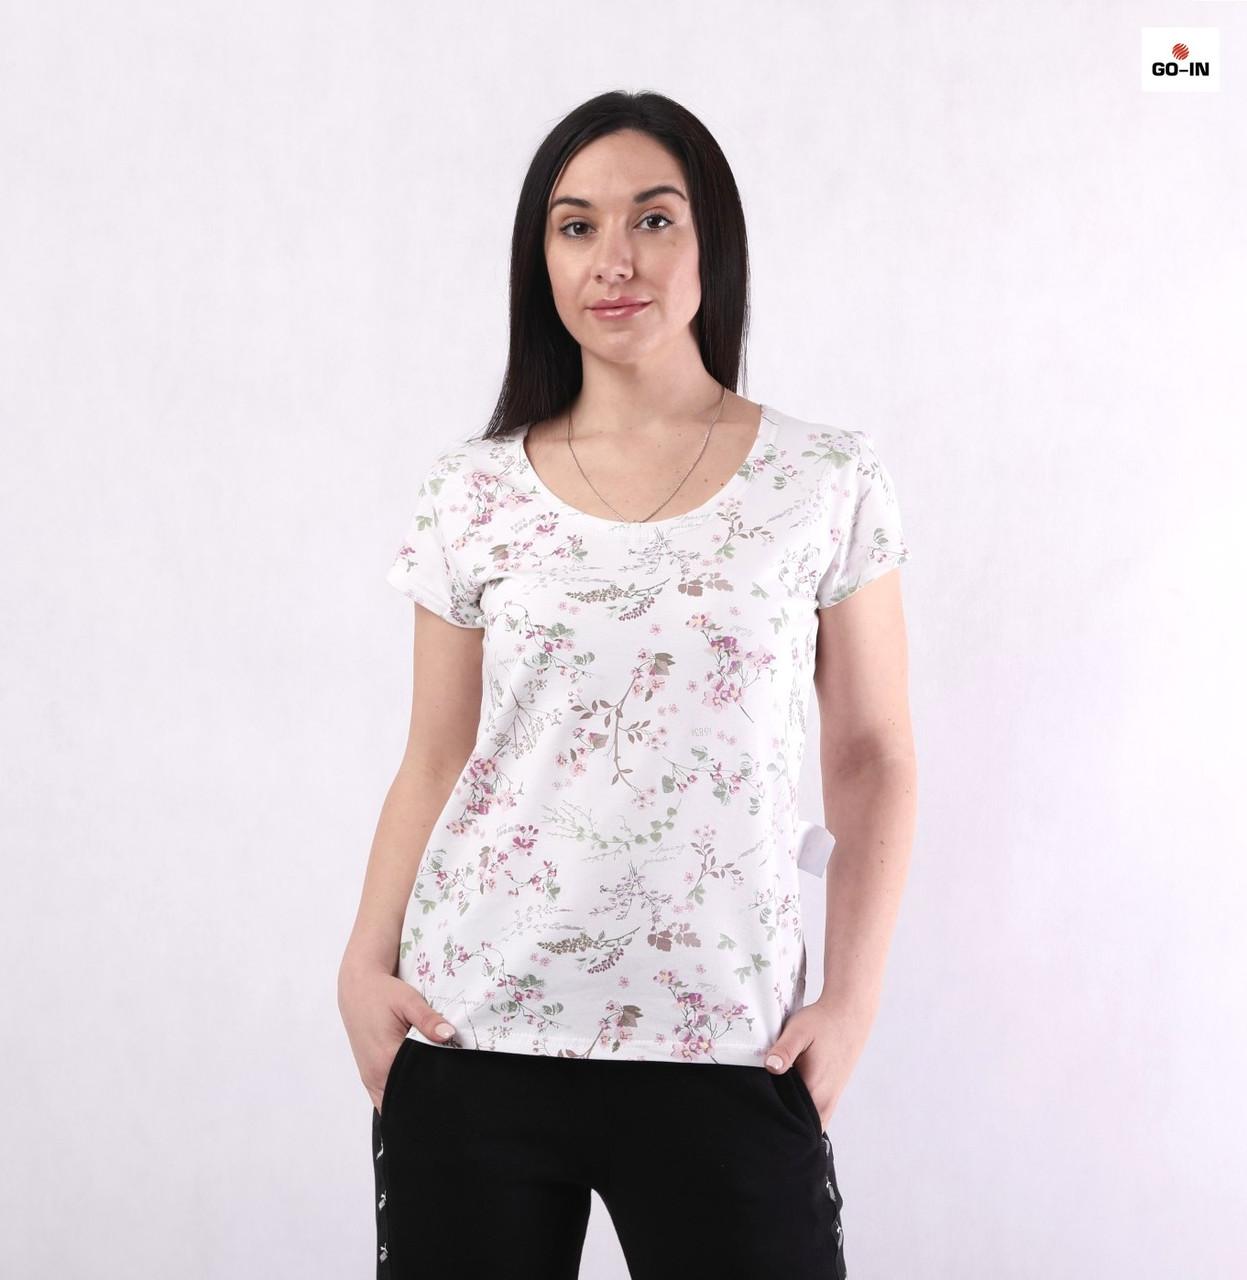 Футболка женская летняя с цветами прямая трикотажная белая 48-56р